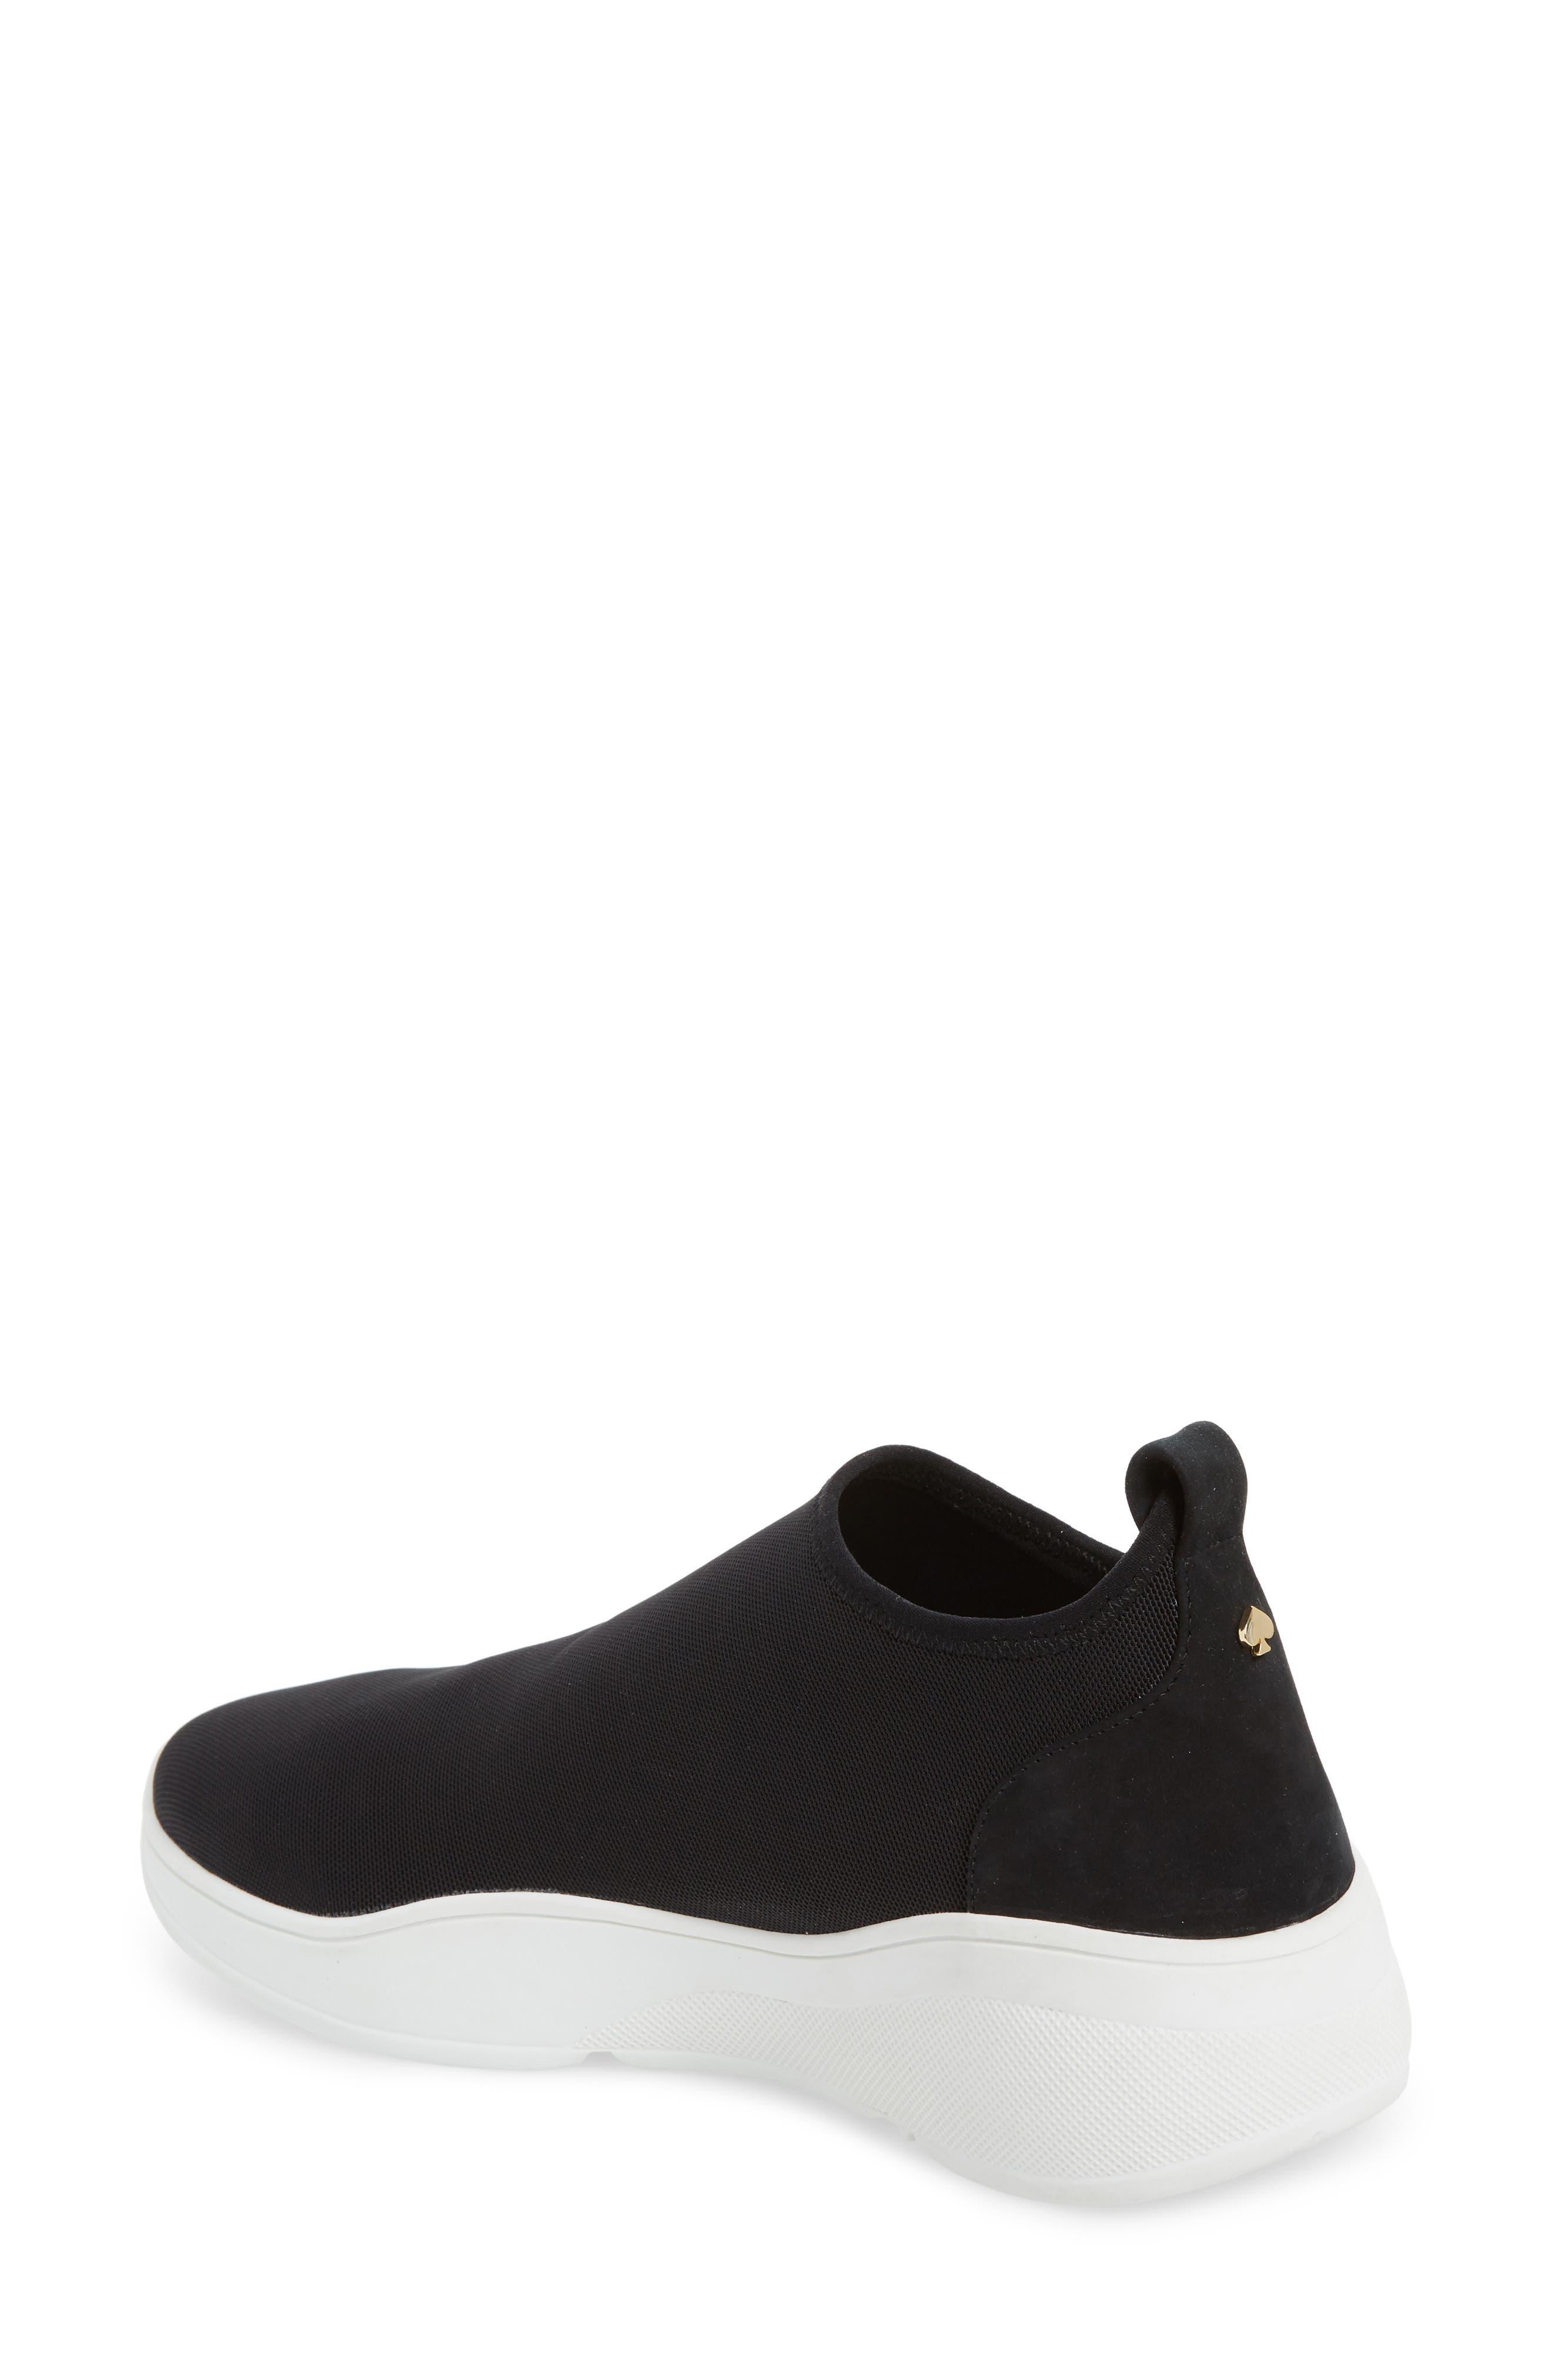 KATE SPADE NEW YORK,                             bradlee slip-on sneaker,                             Alternate thumbnail 2, color,                             001